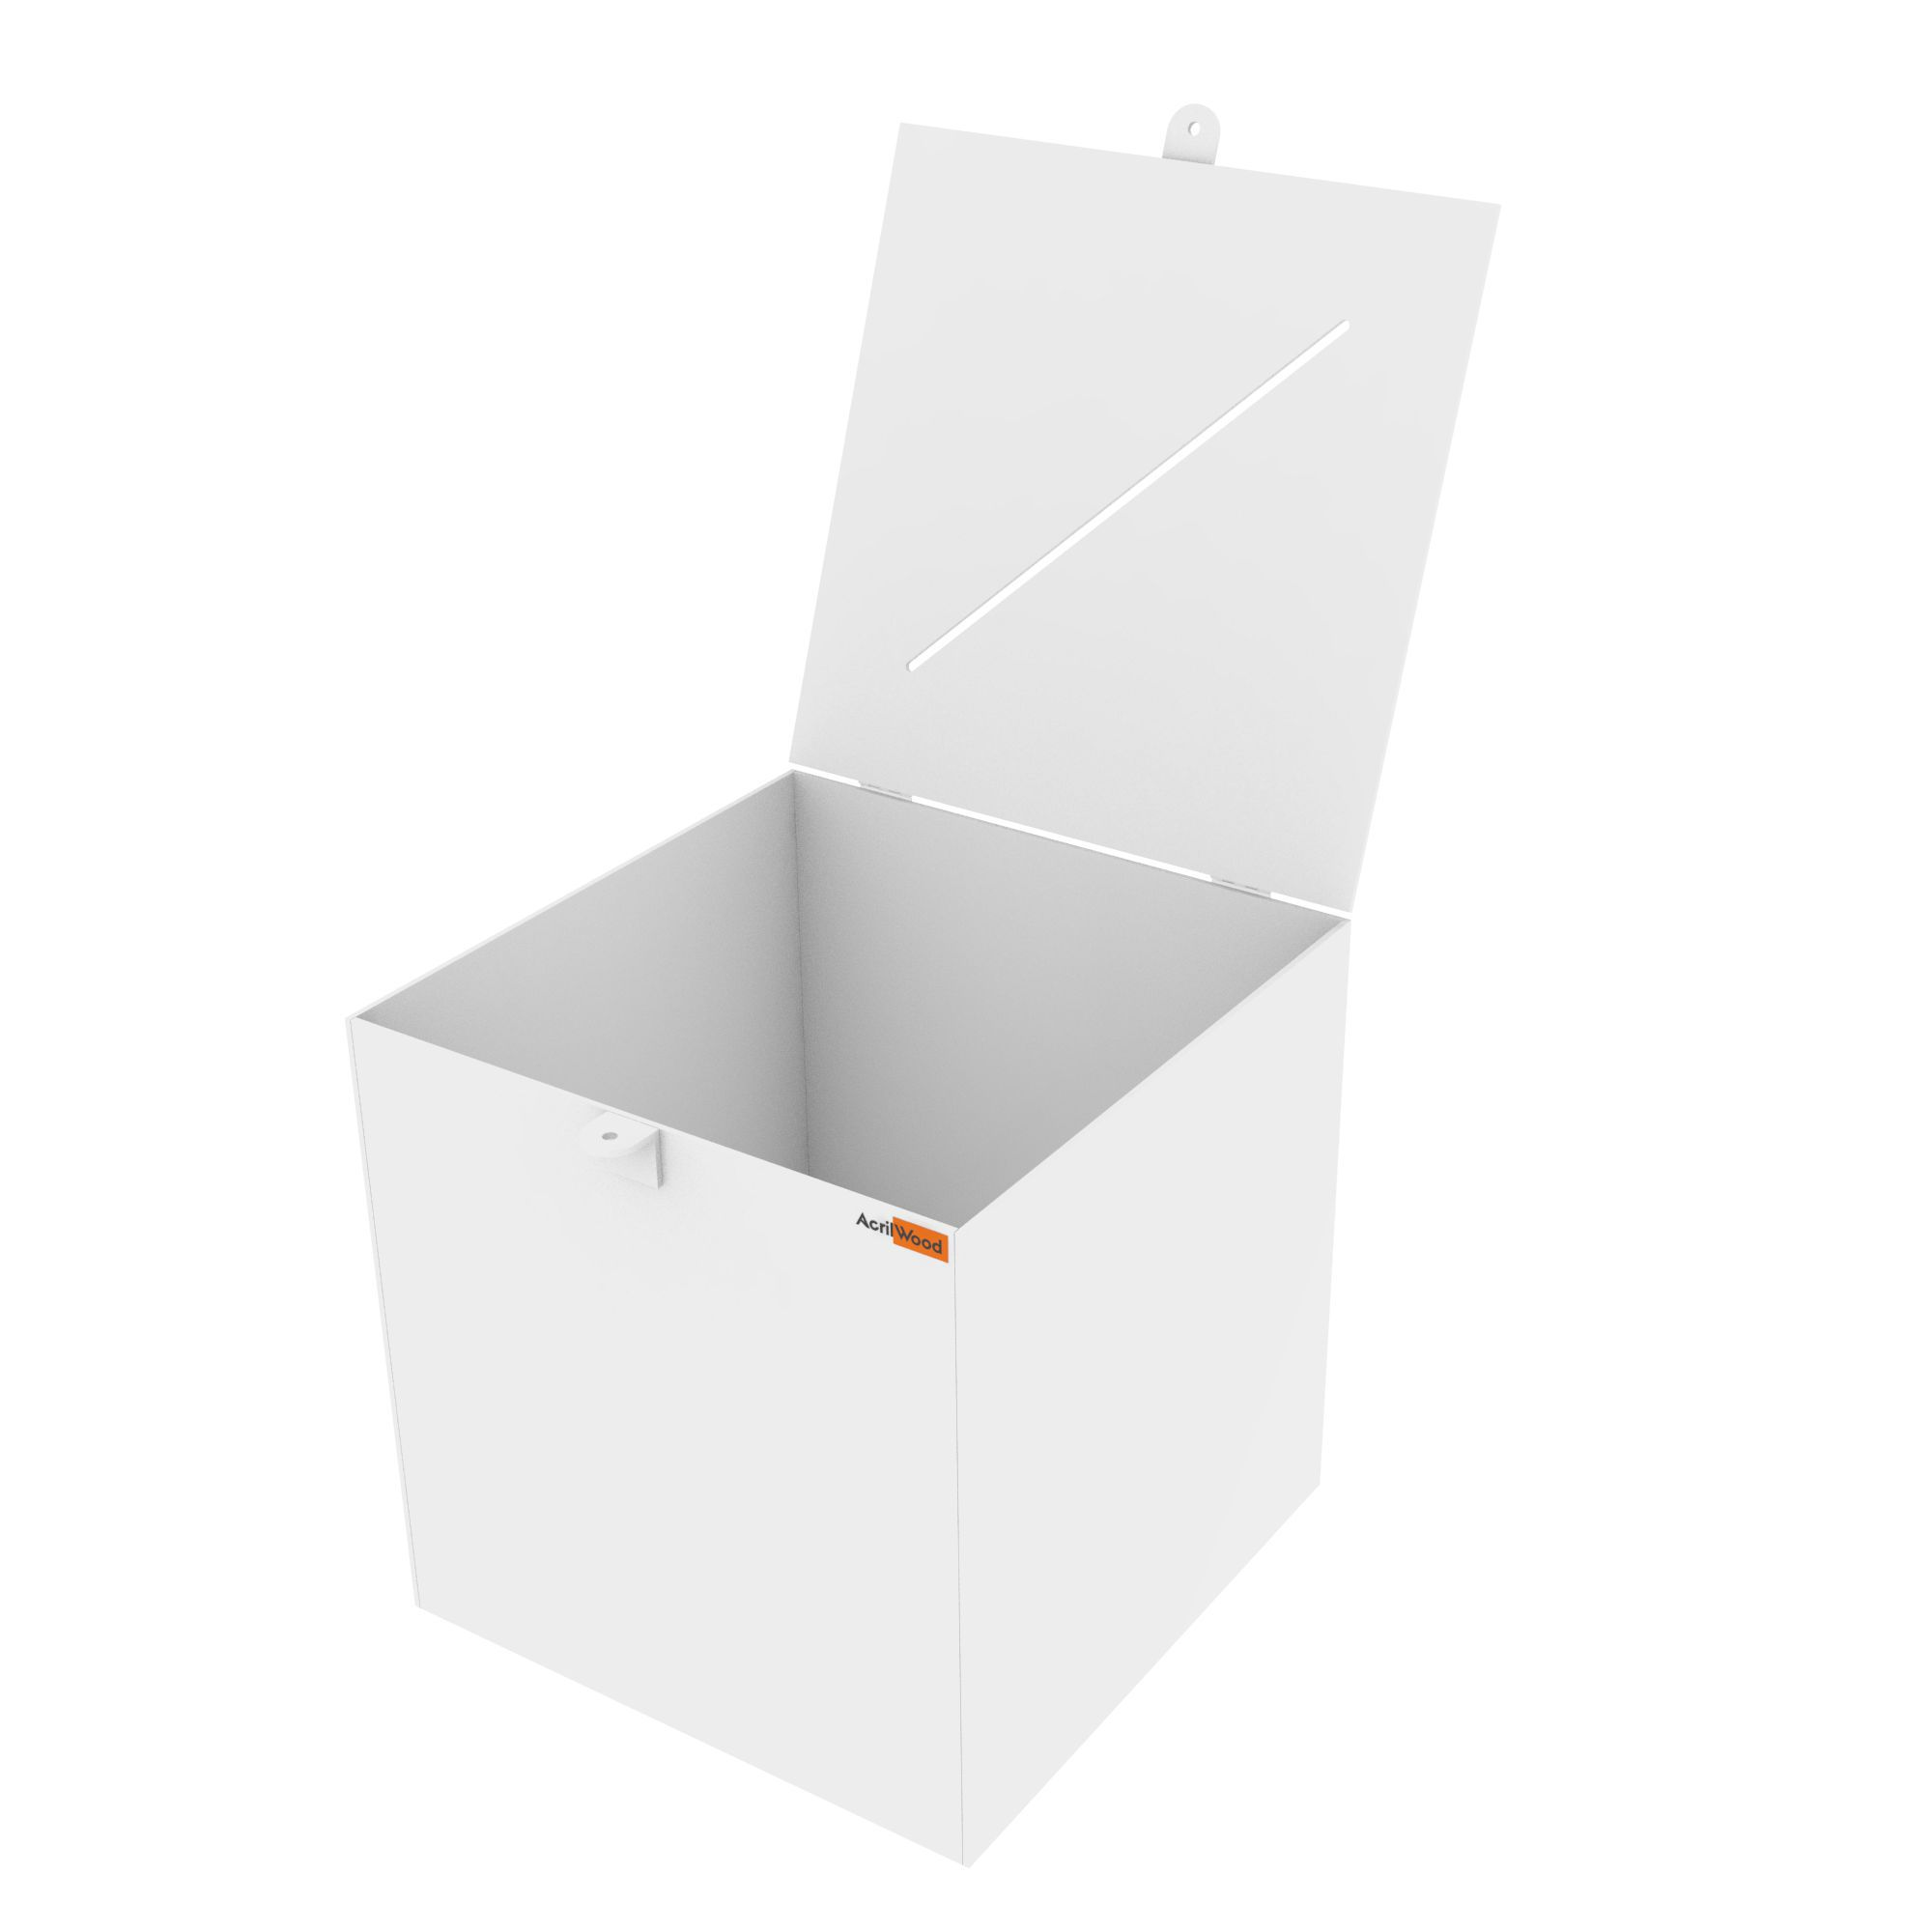 Urna Quadrada Em Acrílico Branco - 30x30x30cm